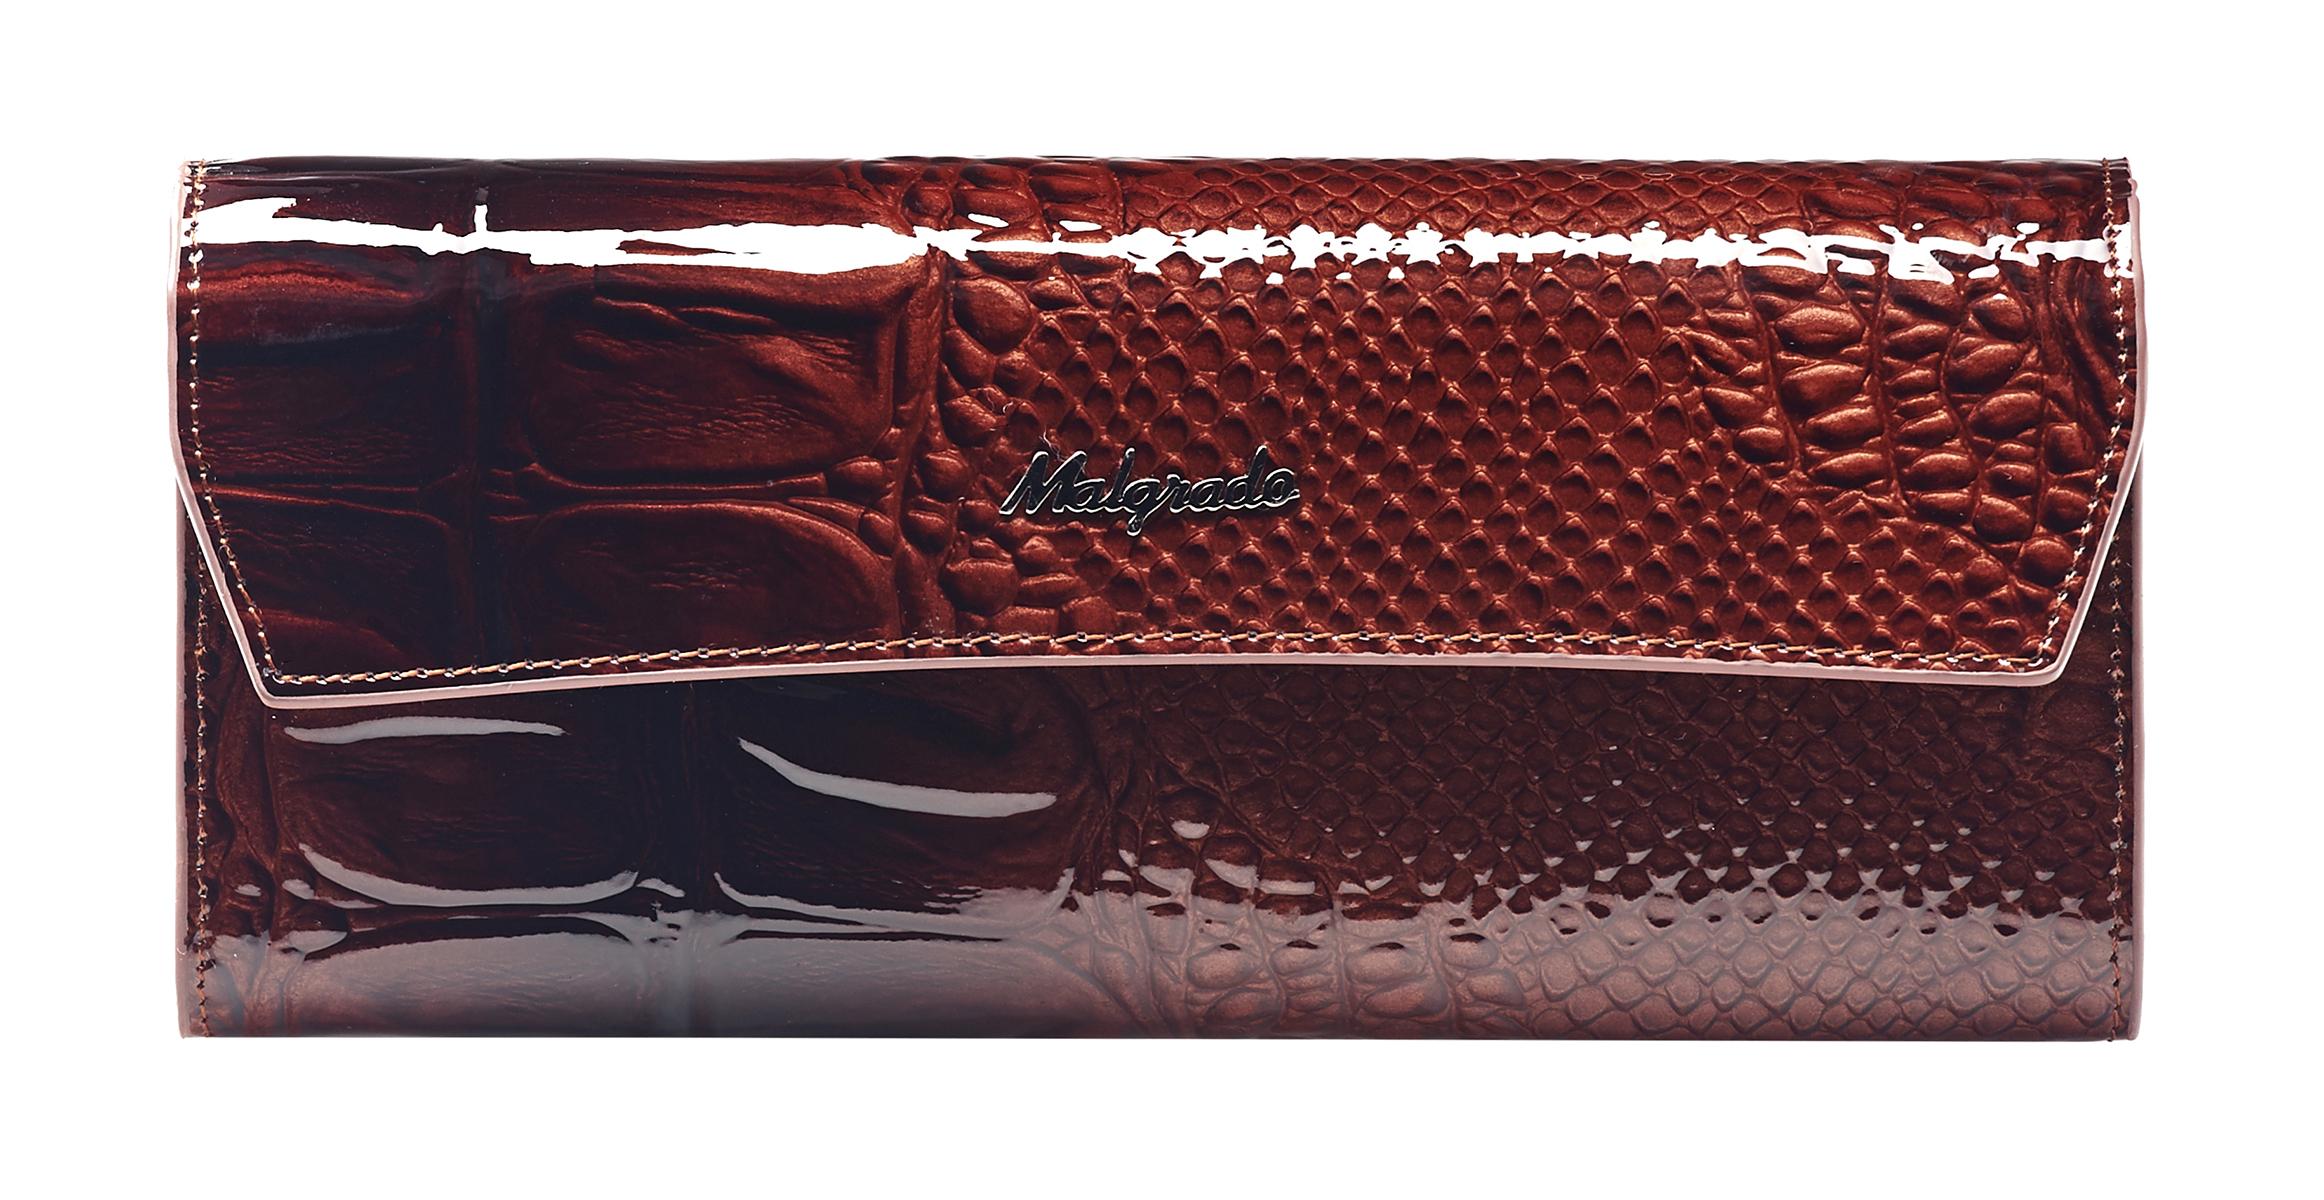 Кошелек женский Malgrado, цвет: коричневый. 75504-04403BM8434-58AEСтильный женский кошелек Malgrado выполнен из натуральной лакированной кожи с тиснением под рептилию и оформлен металлической фурнитурой с символикой бренда.Изделие закрывается клапаном на кнопку. Внутри расположены три отделения для купюр, отделение для монет на молнии, два накладных кармана, три накладных кармана для пластиковых карт. Снаружи, на тыльной стороне кошелька, расположен накладной карман.Изделие поставляется в фирменной упаковке.Кошелек Malgrado станет отличным подарком для человека, ценящего качественные и практичные вещи.